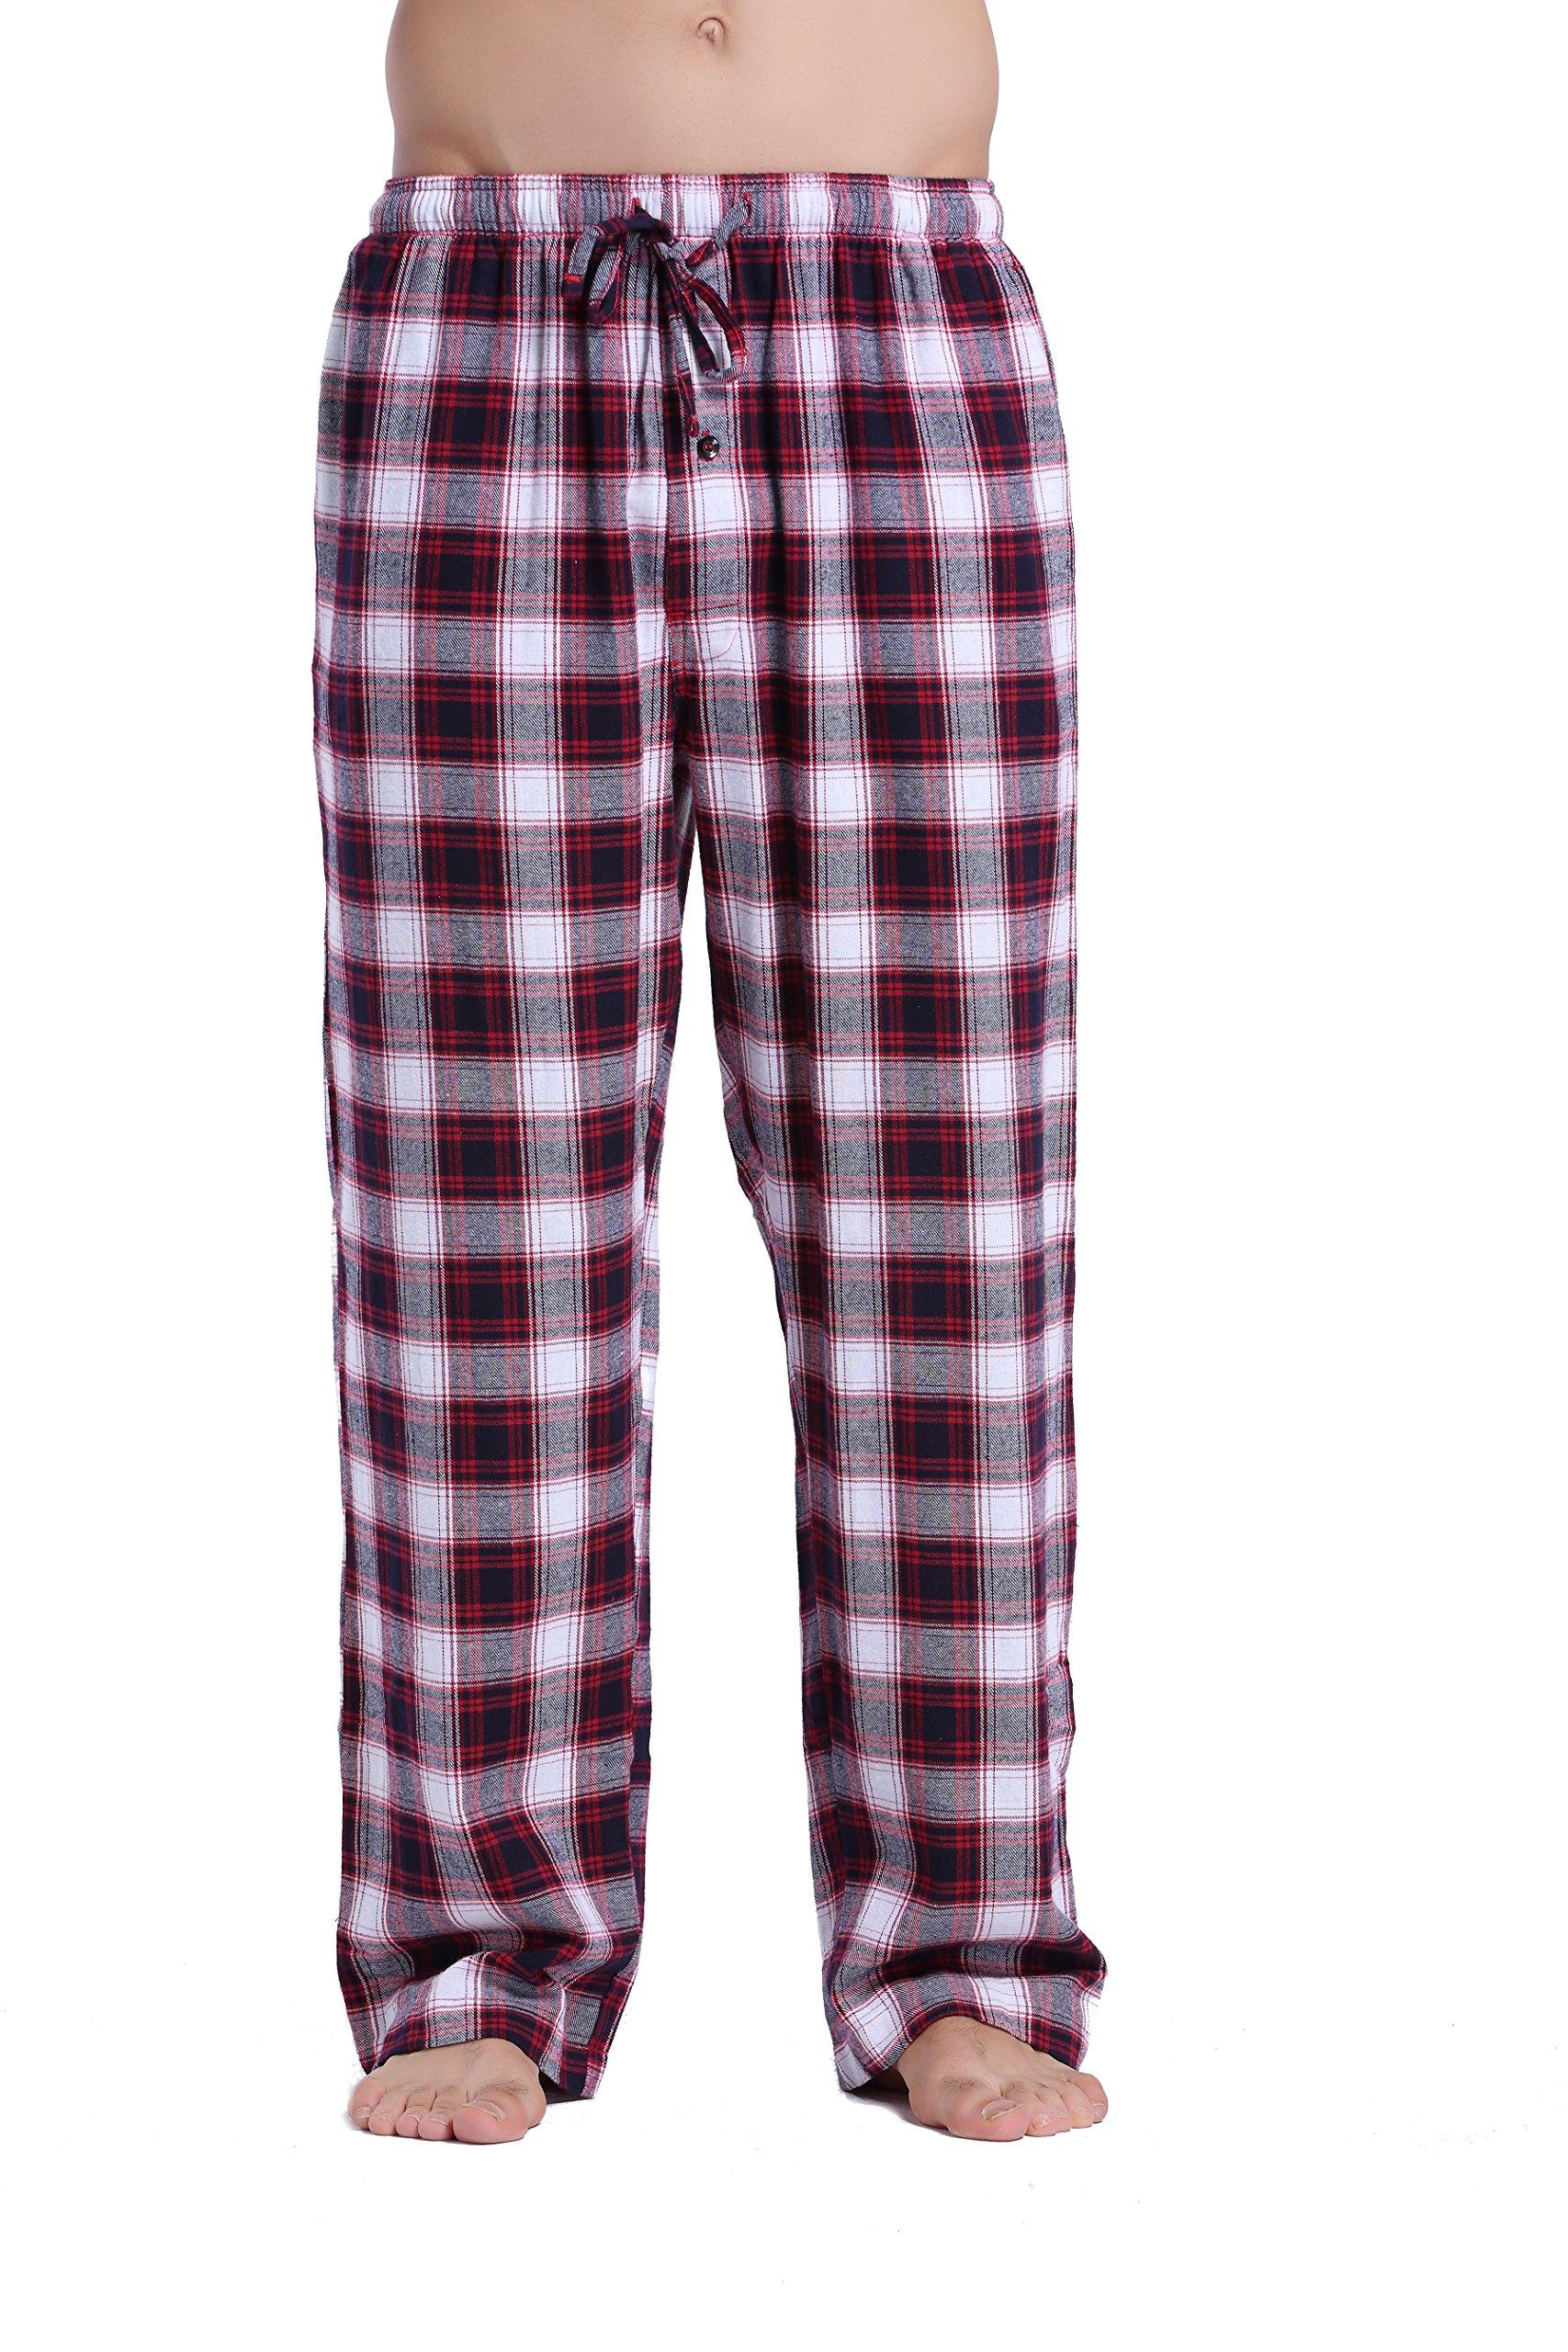 CYZ Men's 100% Cotton Super Soft Flannel Plaid Pajama Pants-WhiteRedNavy-M